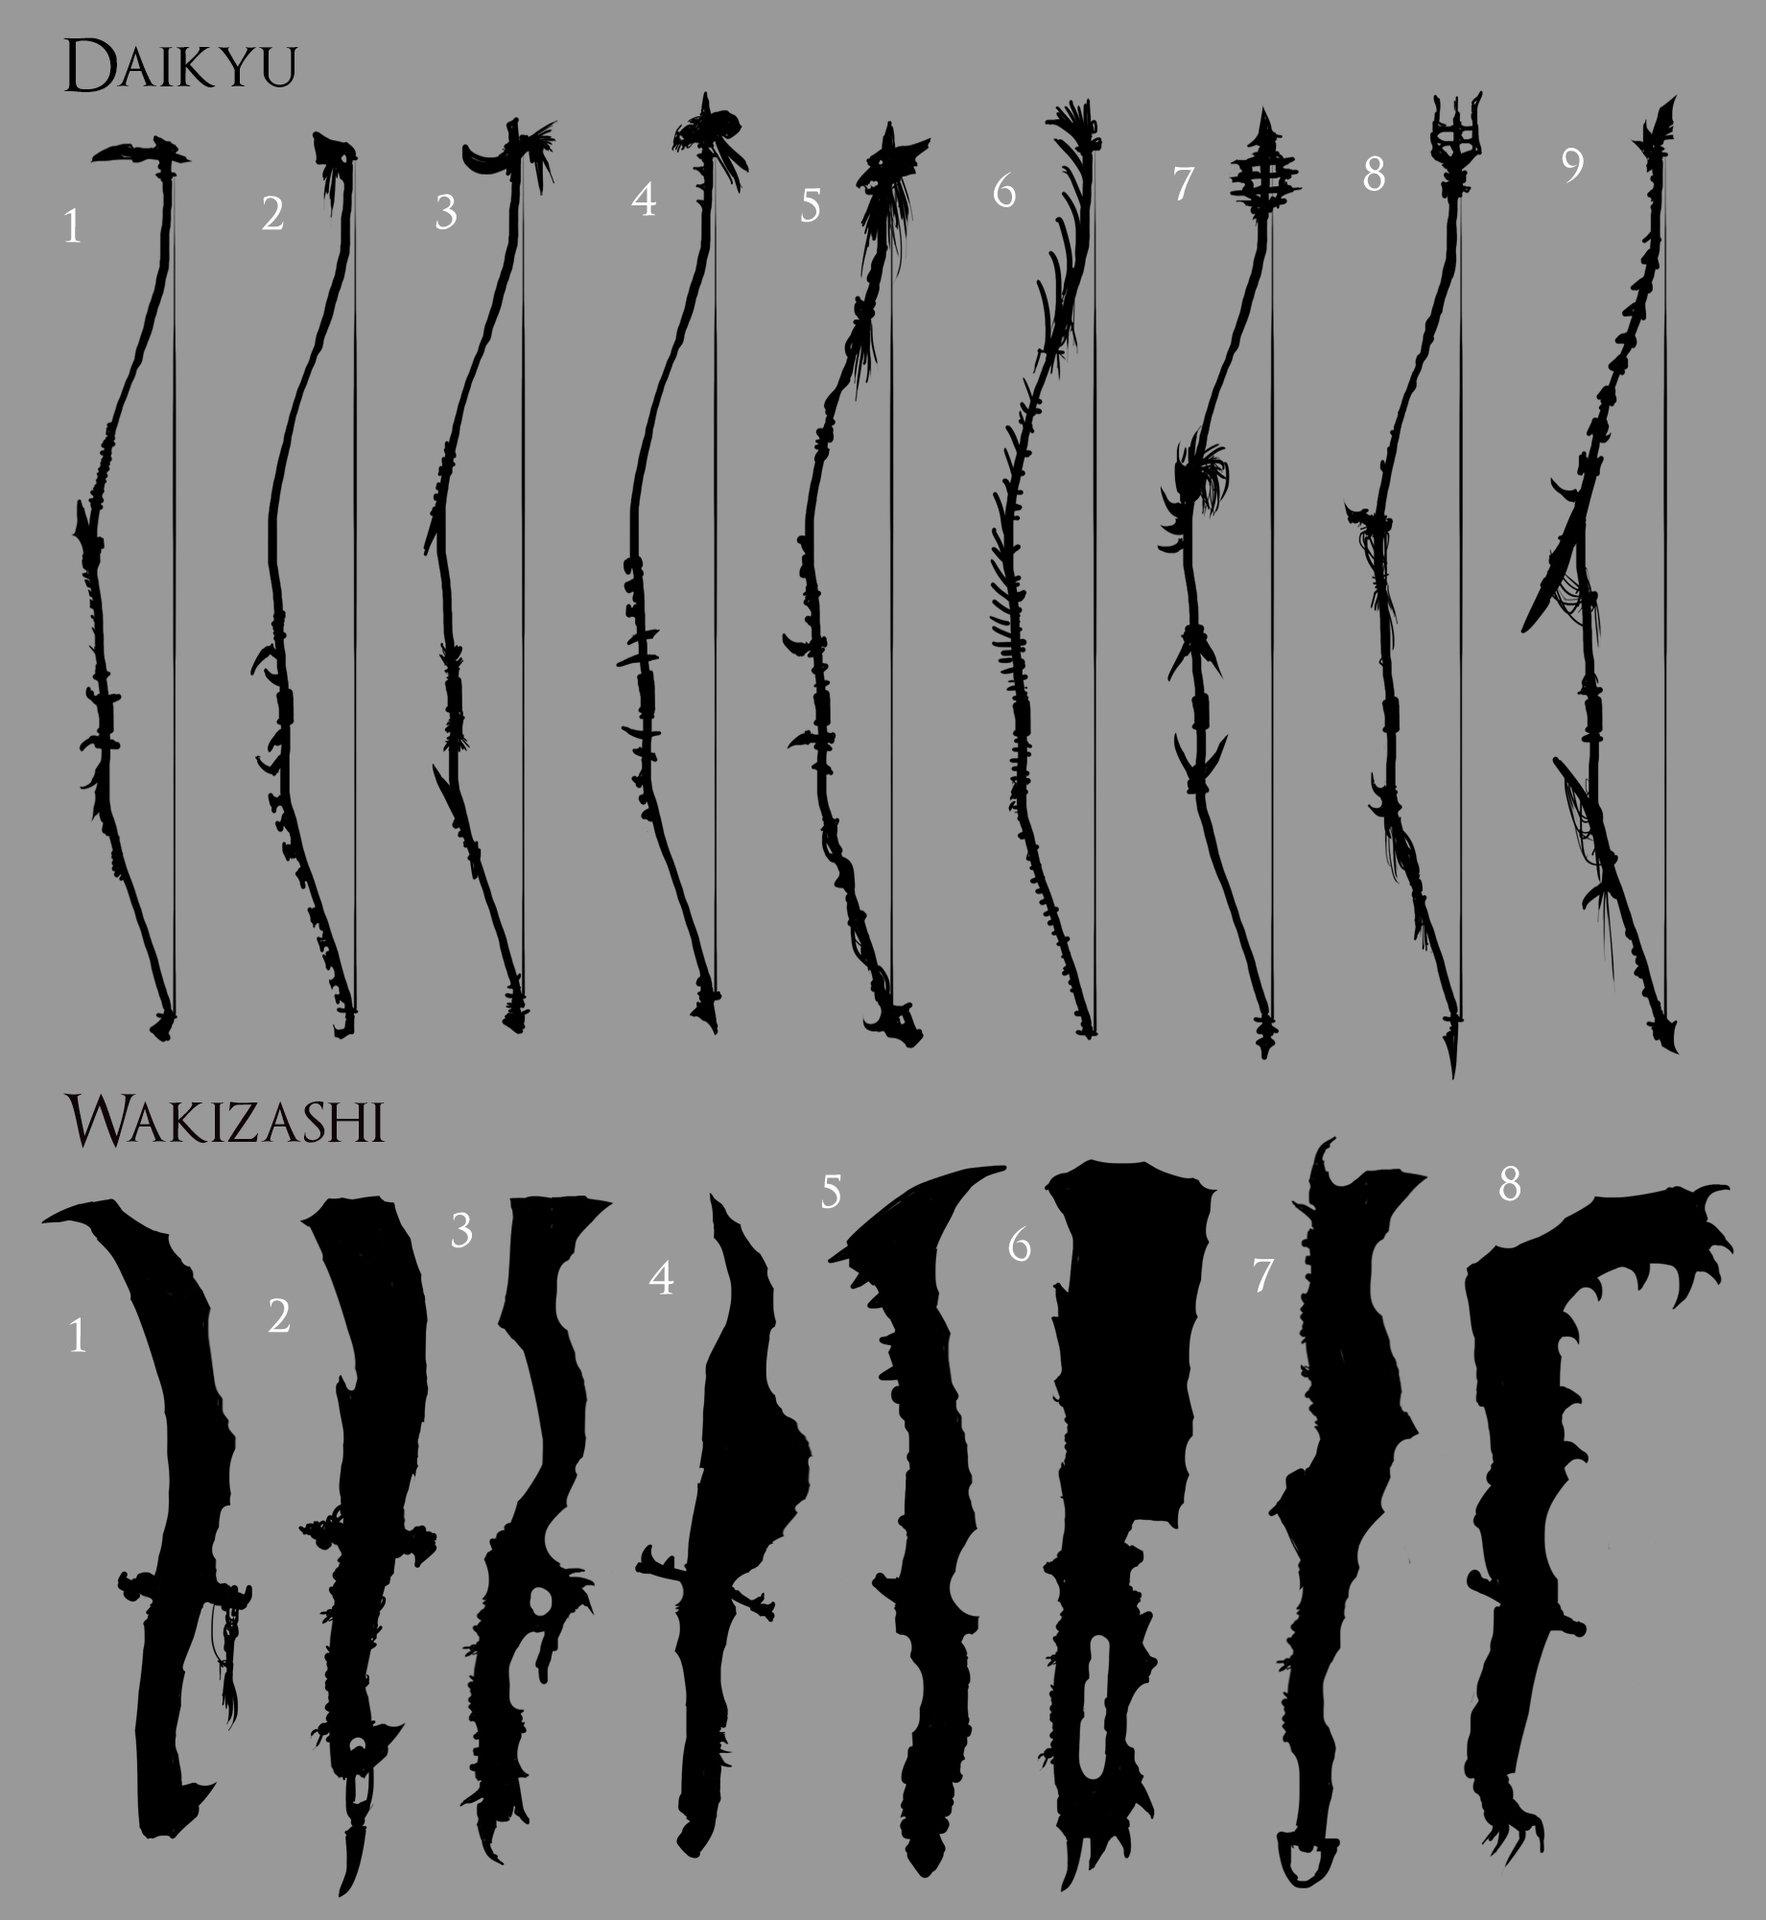 Chenthooran nambiarooran weapons 3